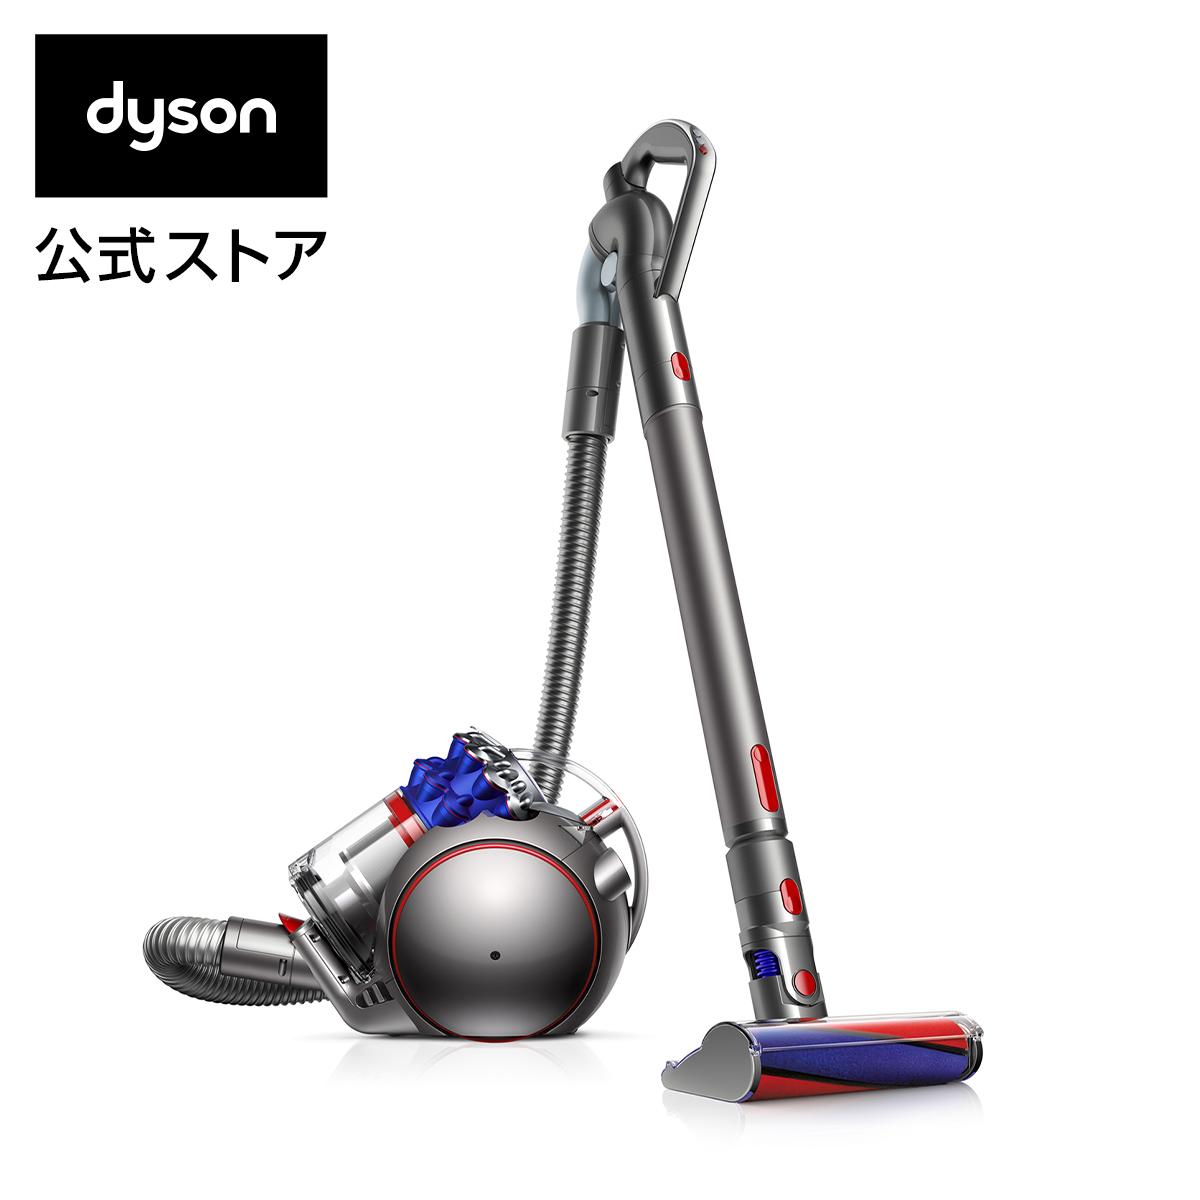 ダイソン Dyson V4 Digital Fluffy+ サイクロン式 キャニスター型掃除機 CY29 FF